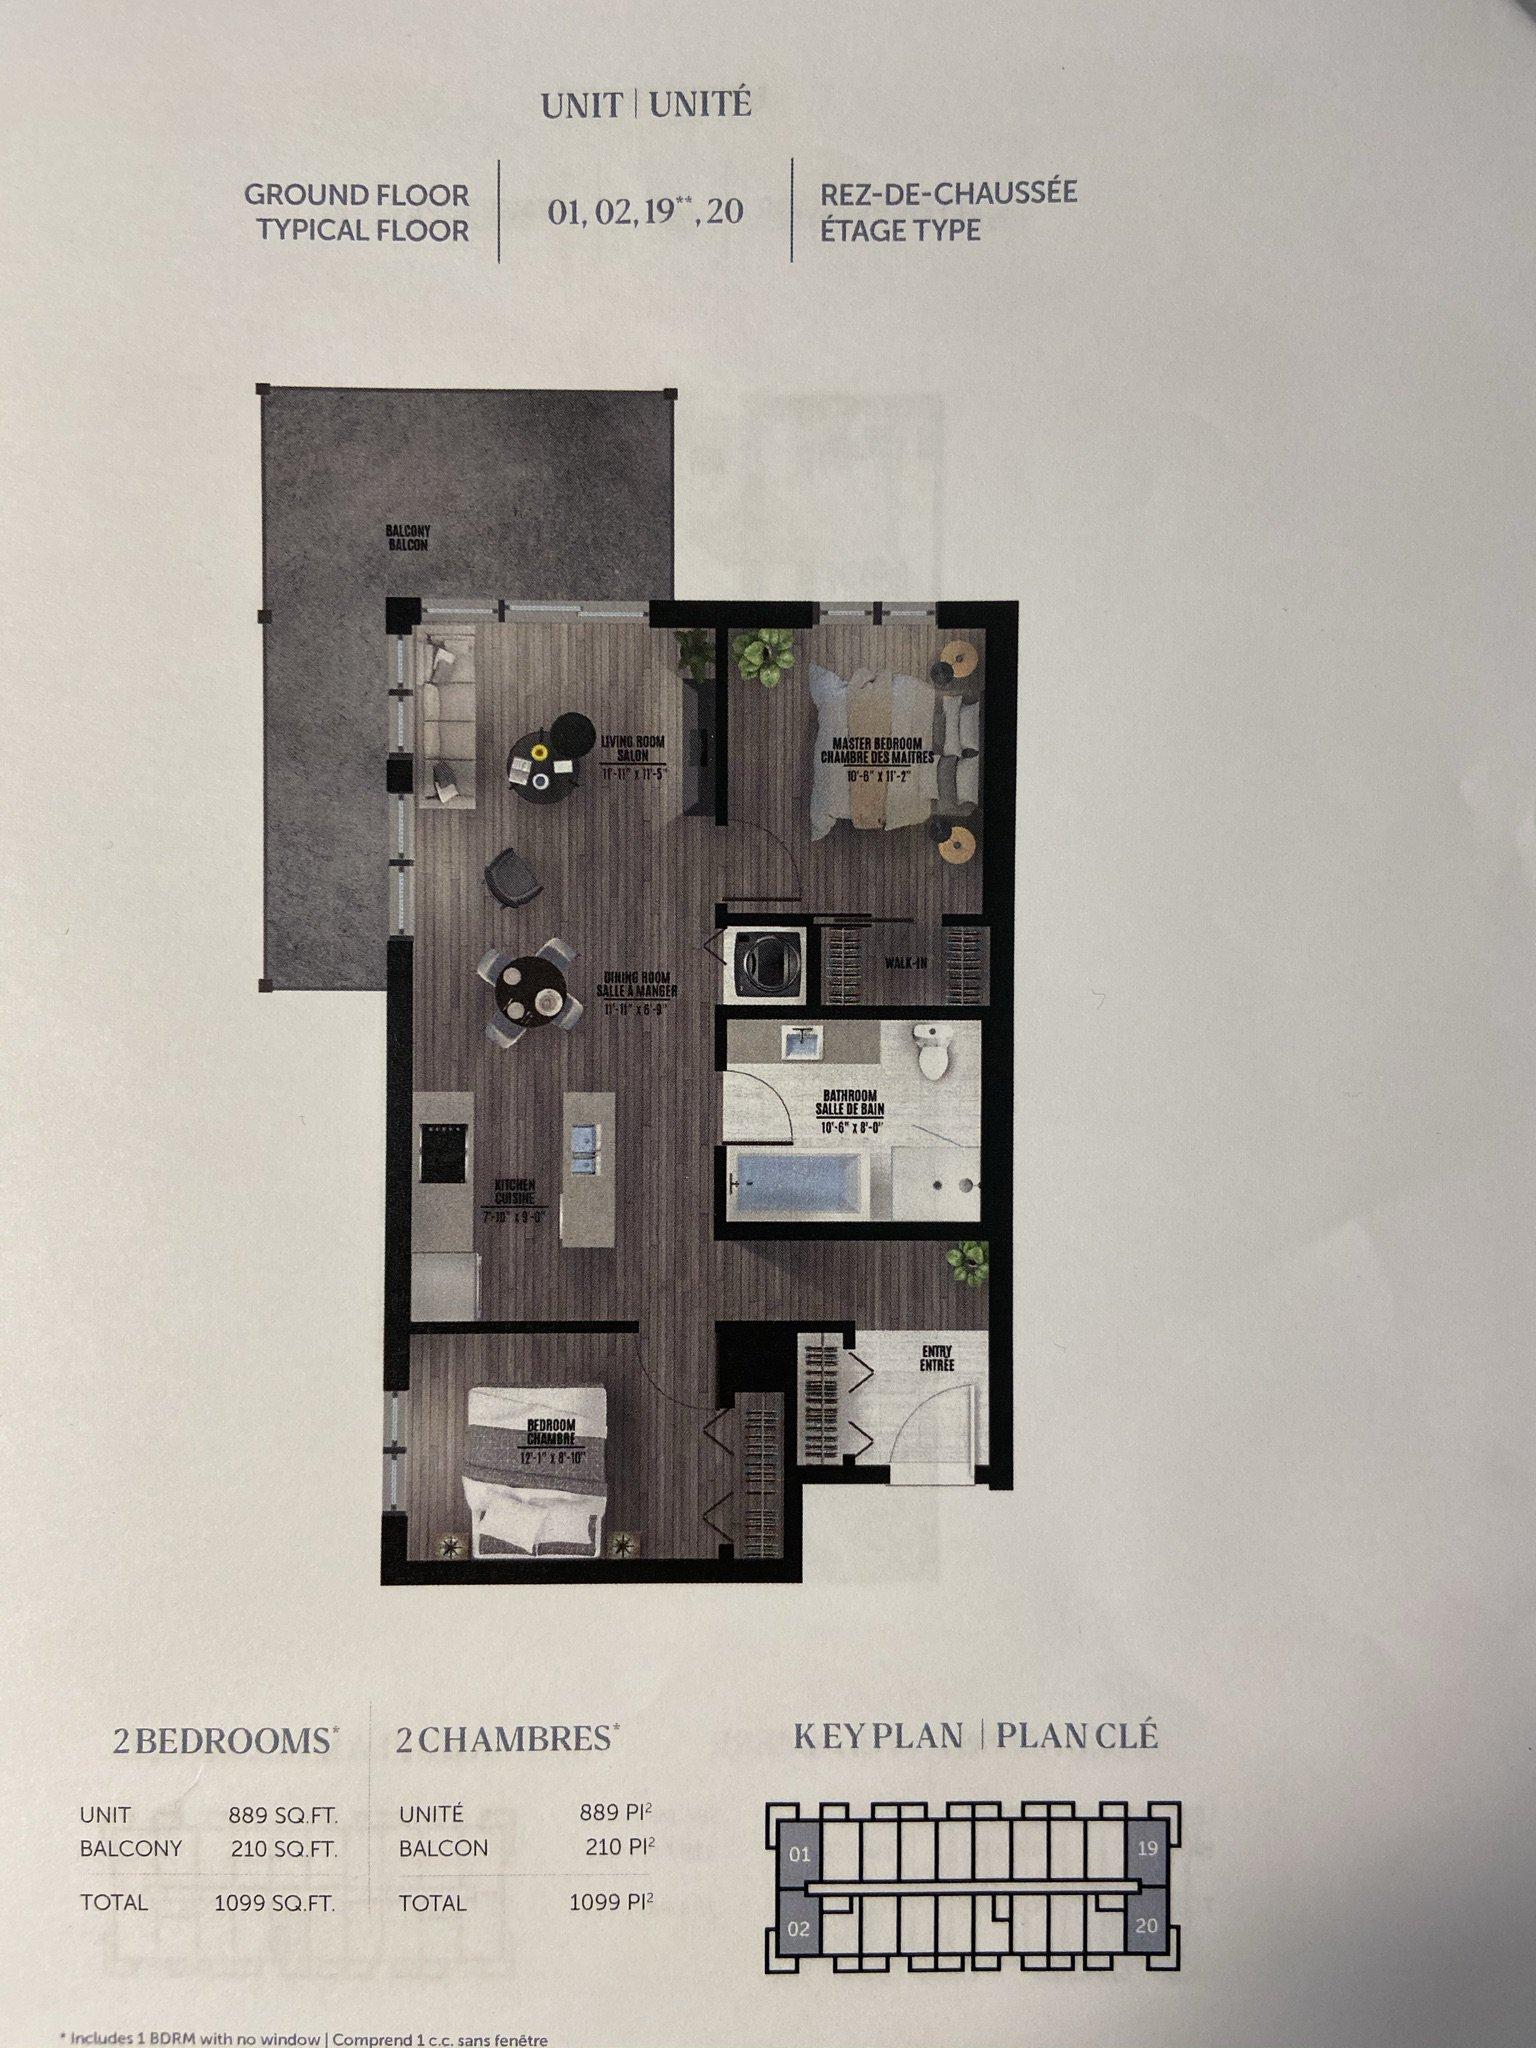 Rentals Ca Kanata Lakes Marchwood Lakeside Morgan S Grant Kanata North Business Park Apartments Condos And Houses For Rent